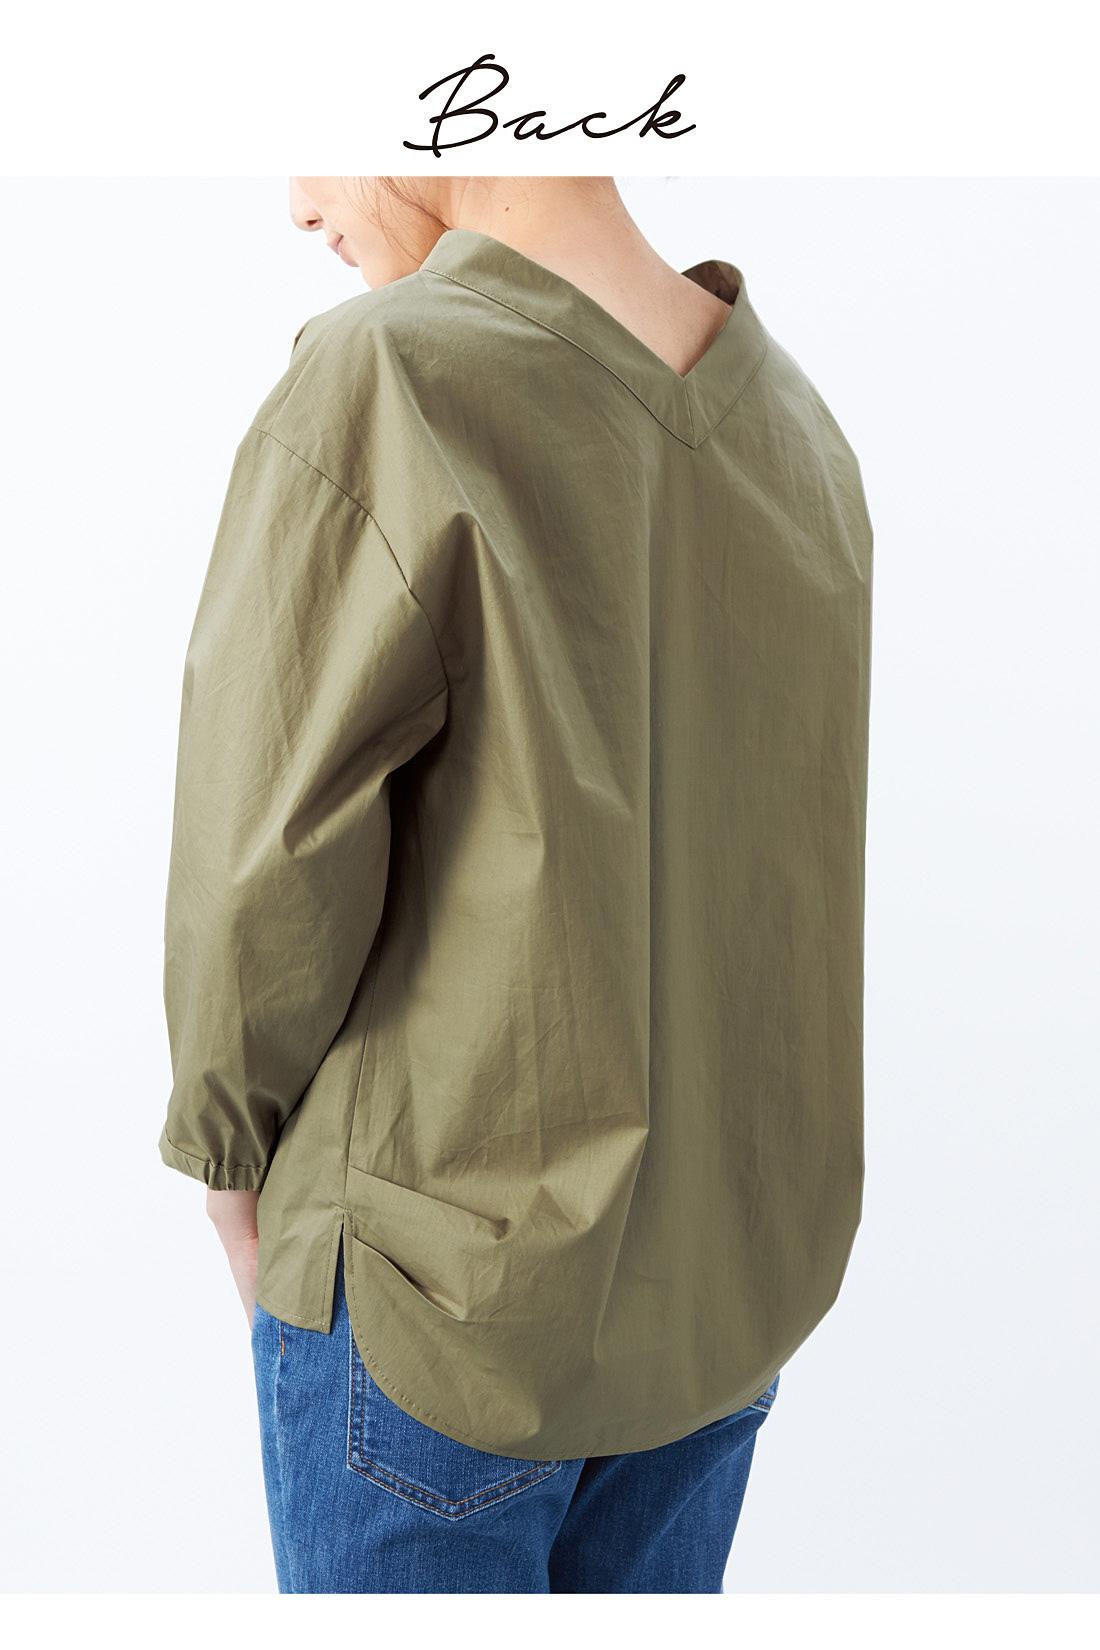 後ろもVネックで、リボンを外してシンプルに着ても。すそに少しだけ入れたタックが絶妙なふんわりシルエットに貢献。※お届けするカラーとは異なります。